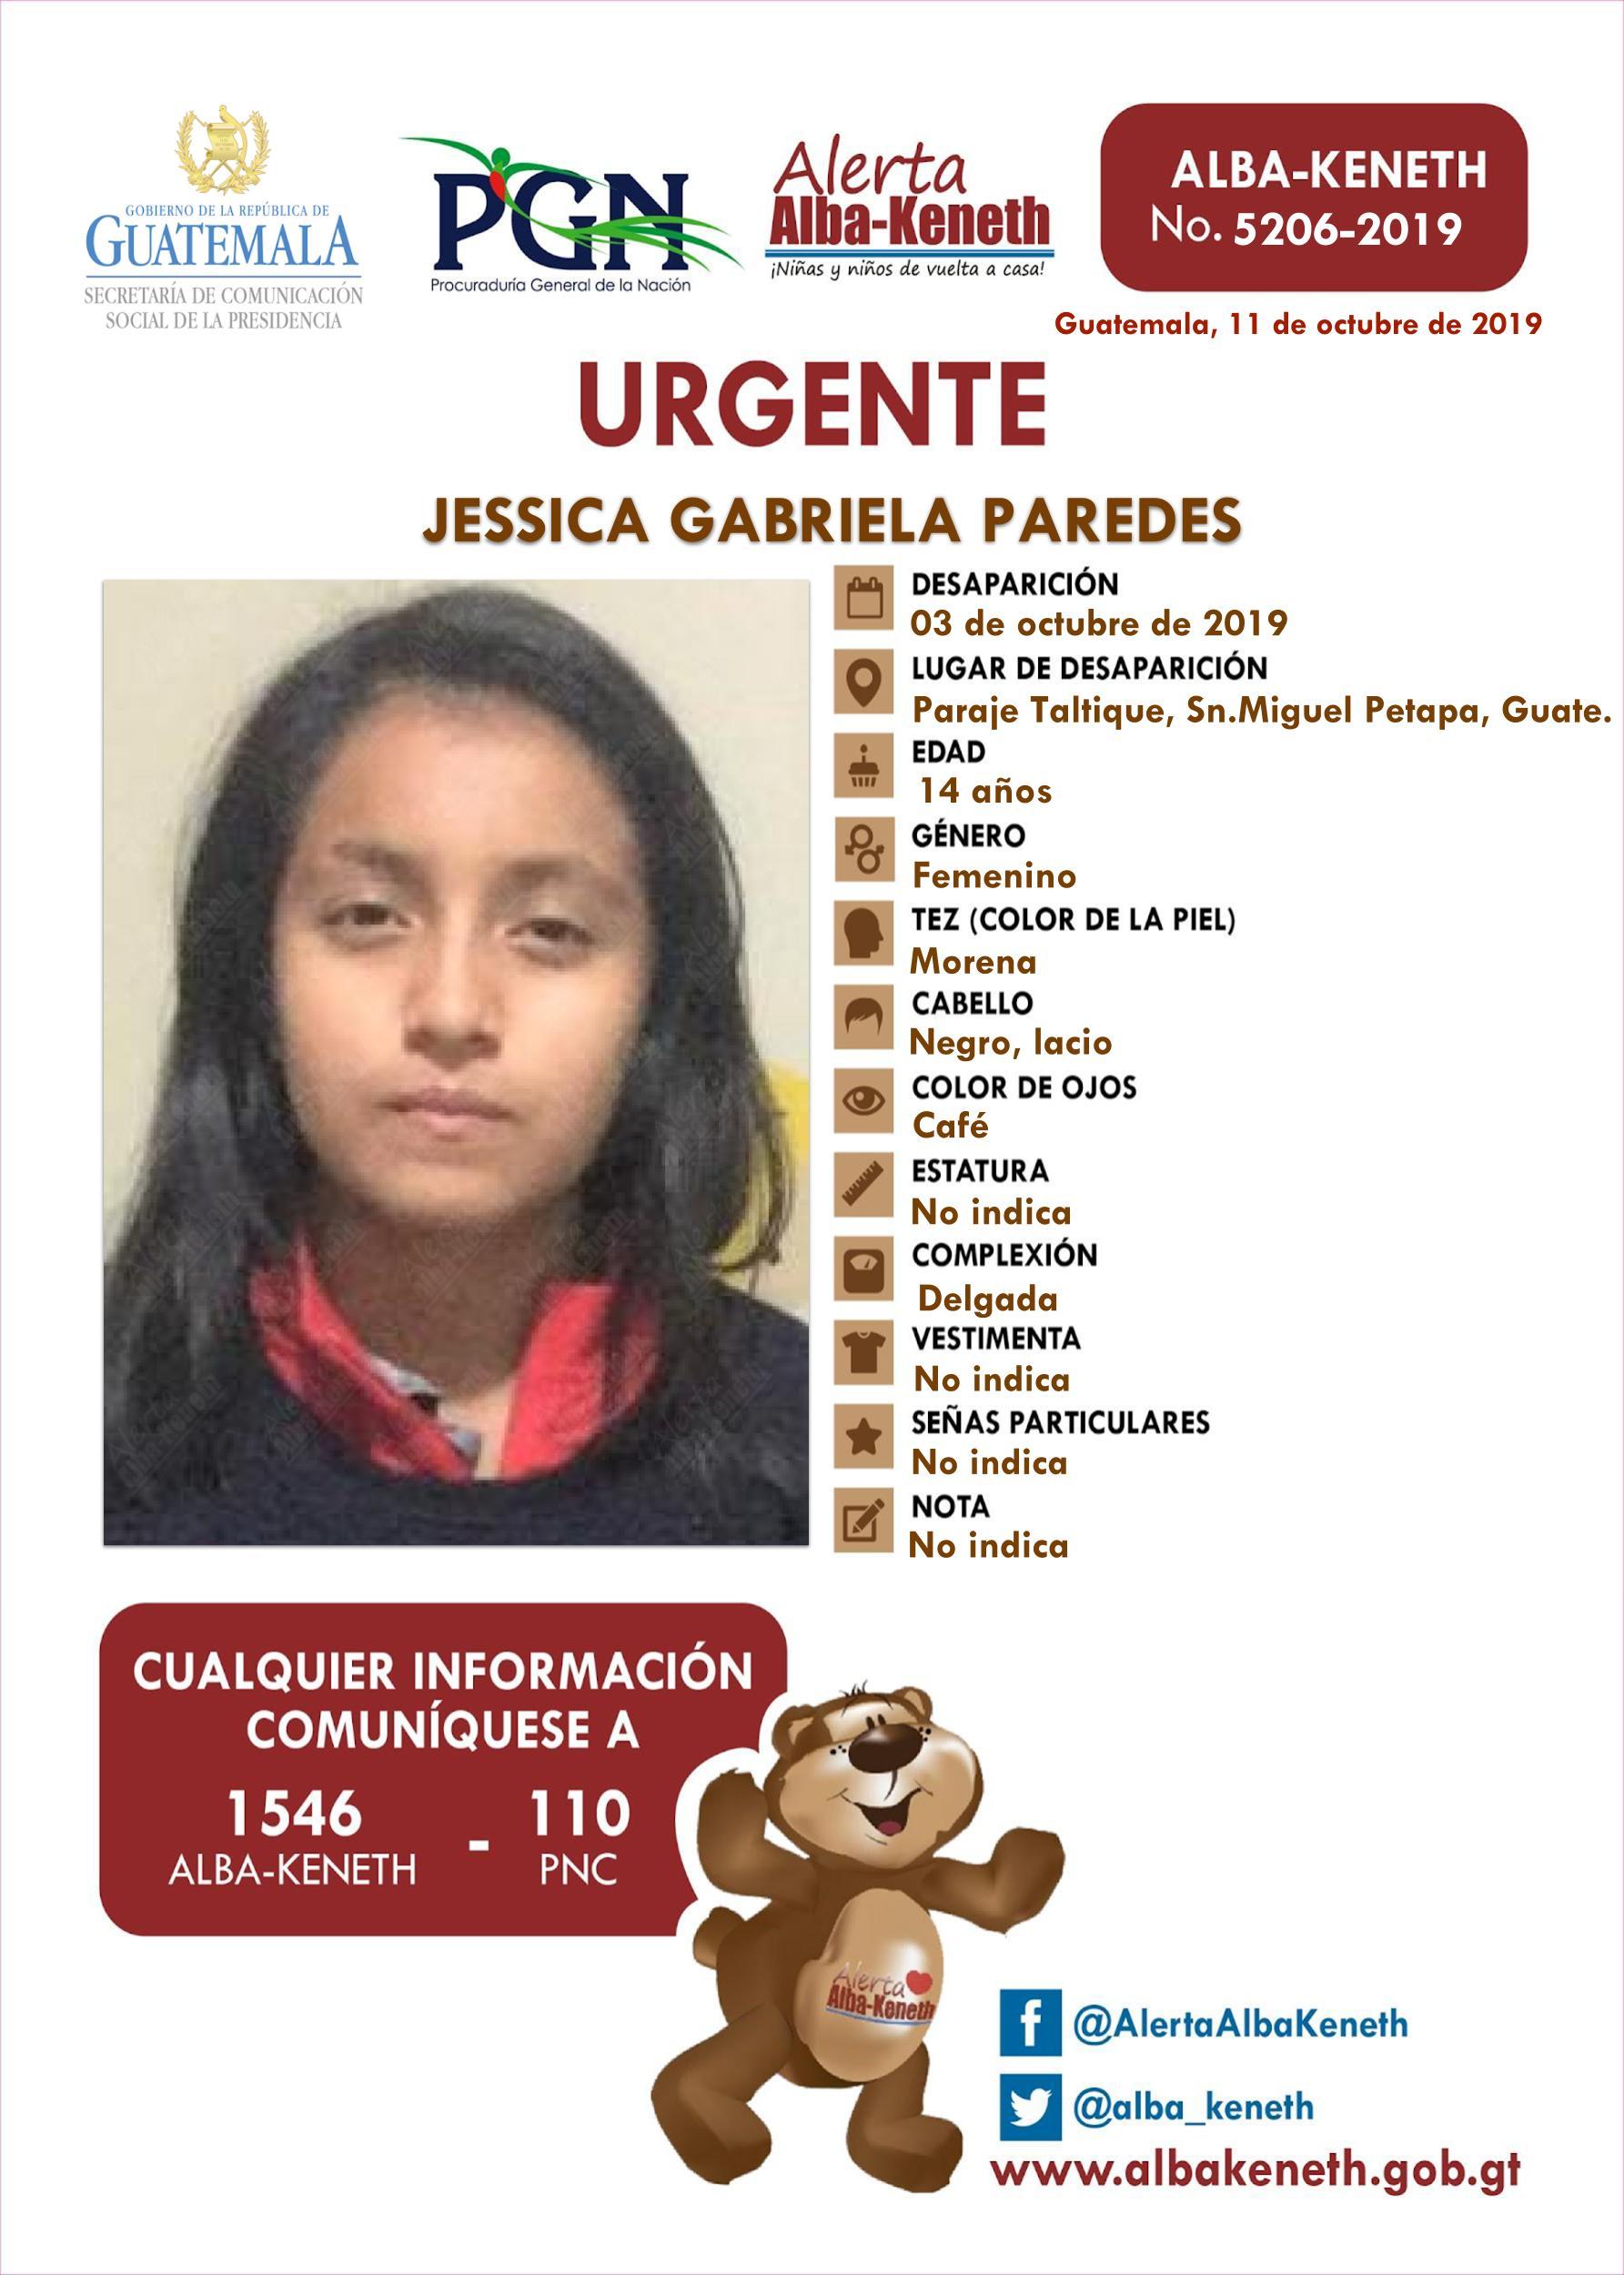 Jessica Gabriela Paredes